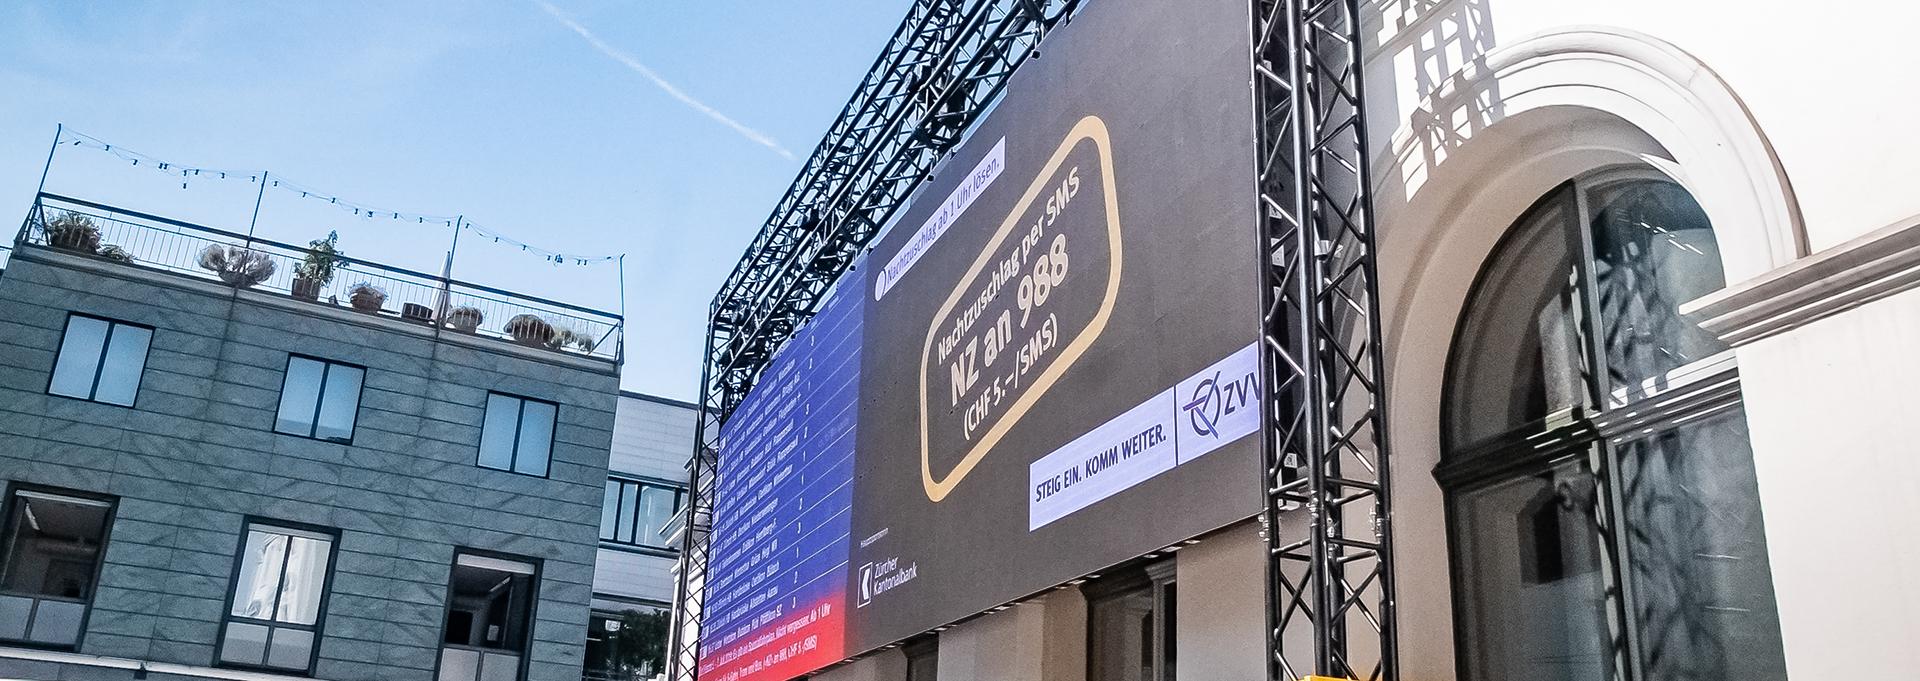 LED-Anzeigetafel für SBB am Zürich Stadelhofen